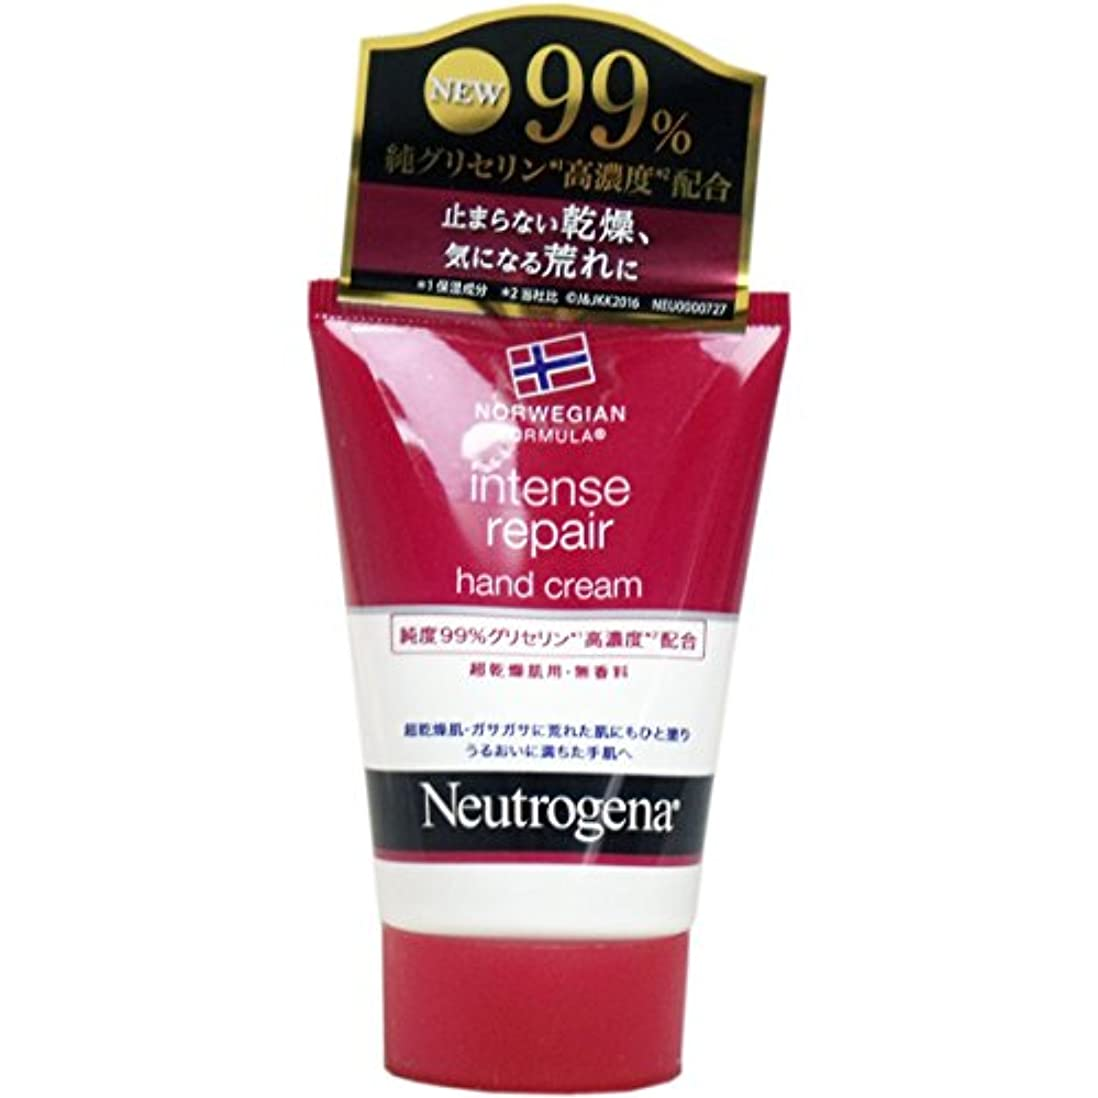 かもしれない失業者分類【セット品】Neutrogena(ニュートロジーナ) ノルウェーフォーミュラ インテンスリペア ハンドクリーム 超乾燥肌用 無香料 50g×6個